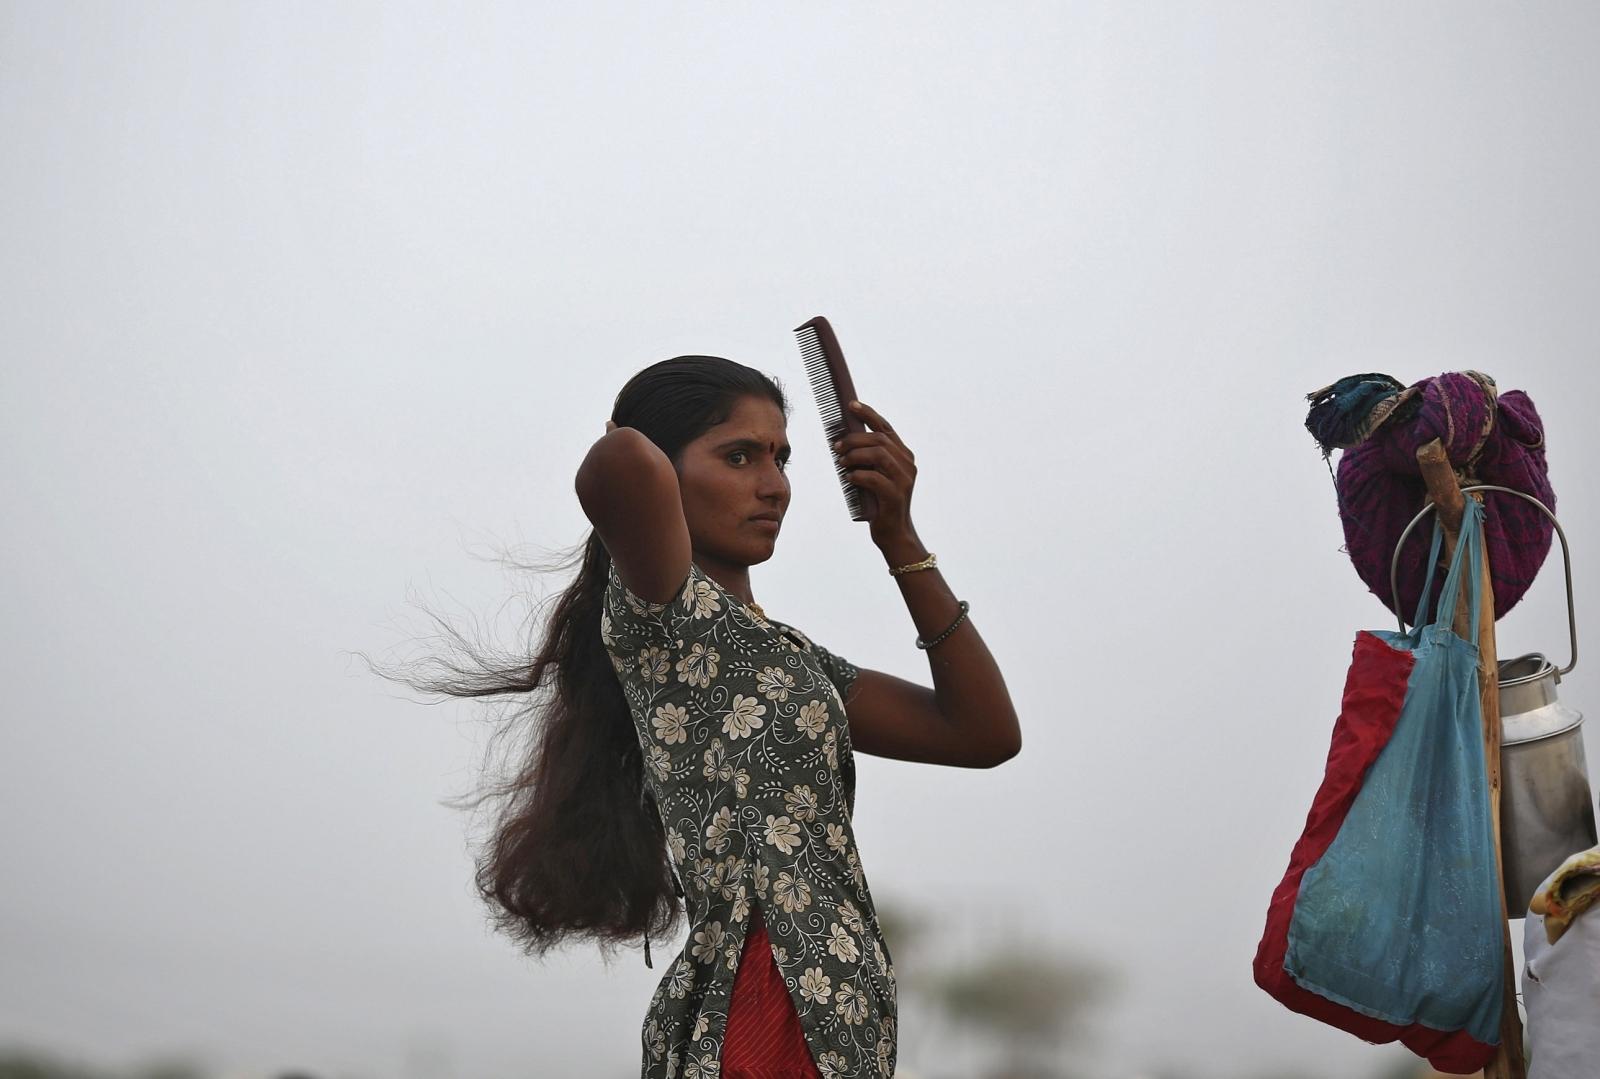 India women hair chopper